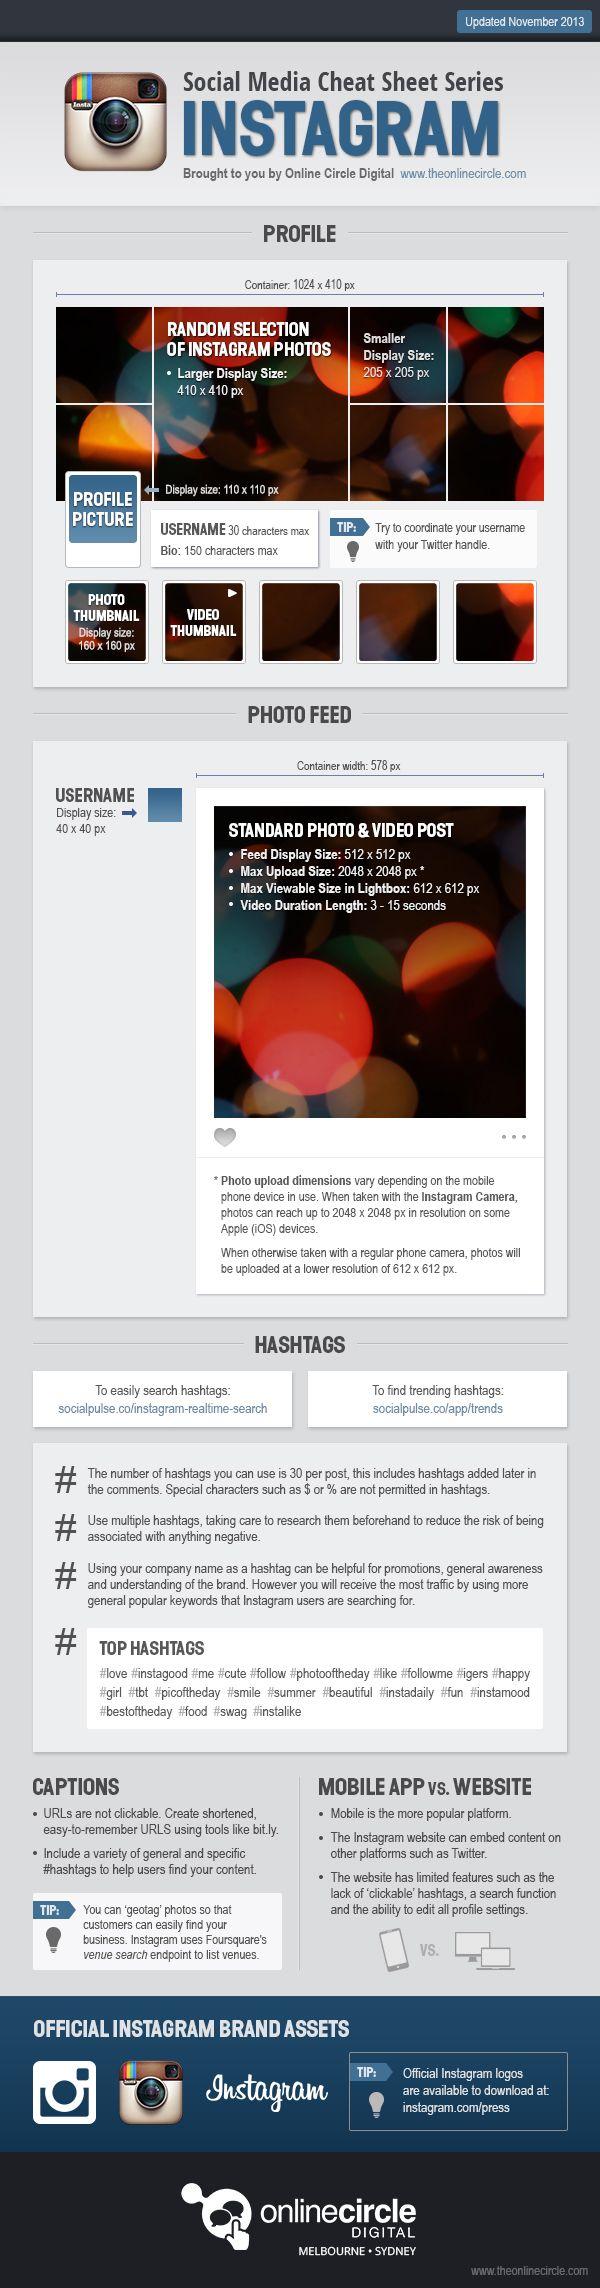 #SocialMedia Cheat Sheet #Instagram